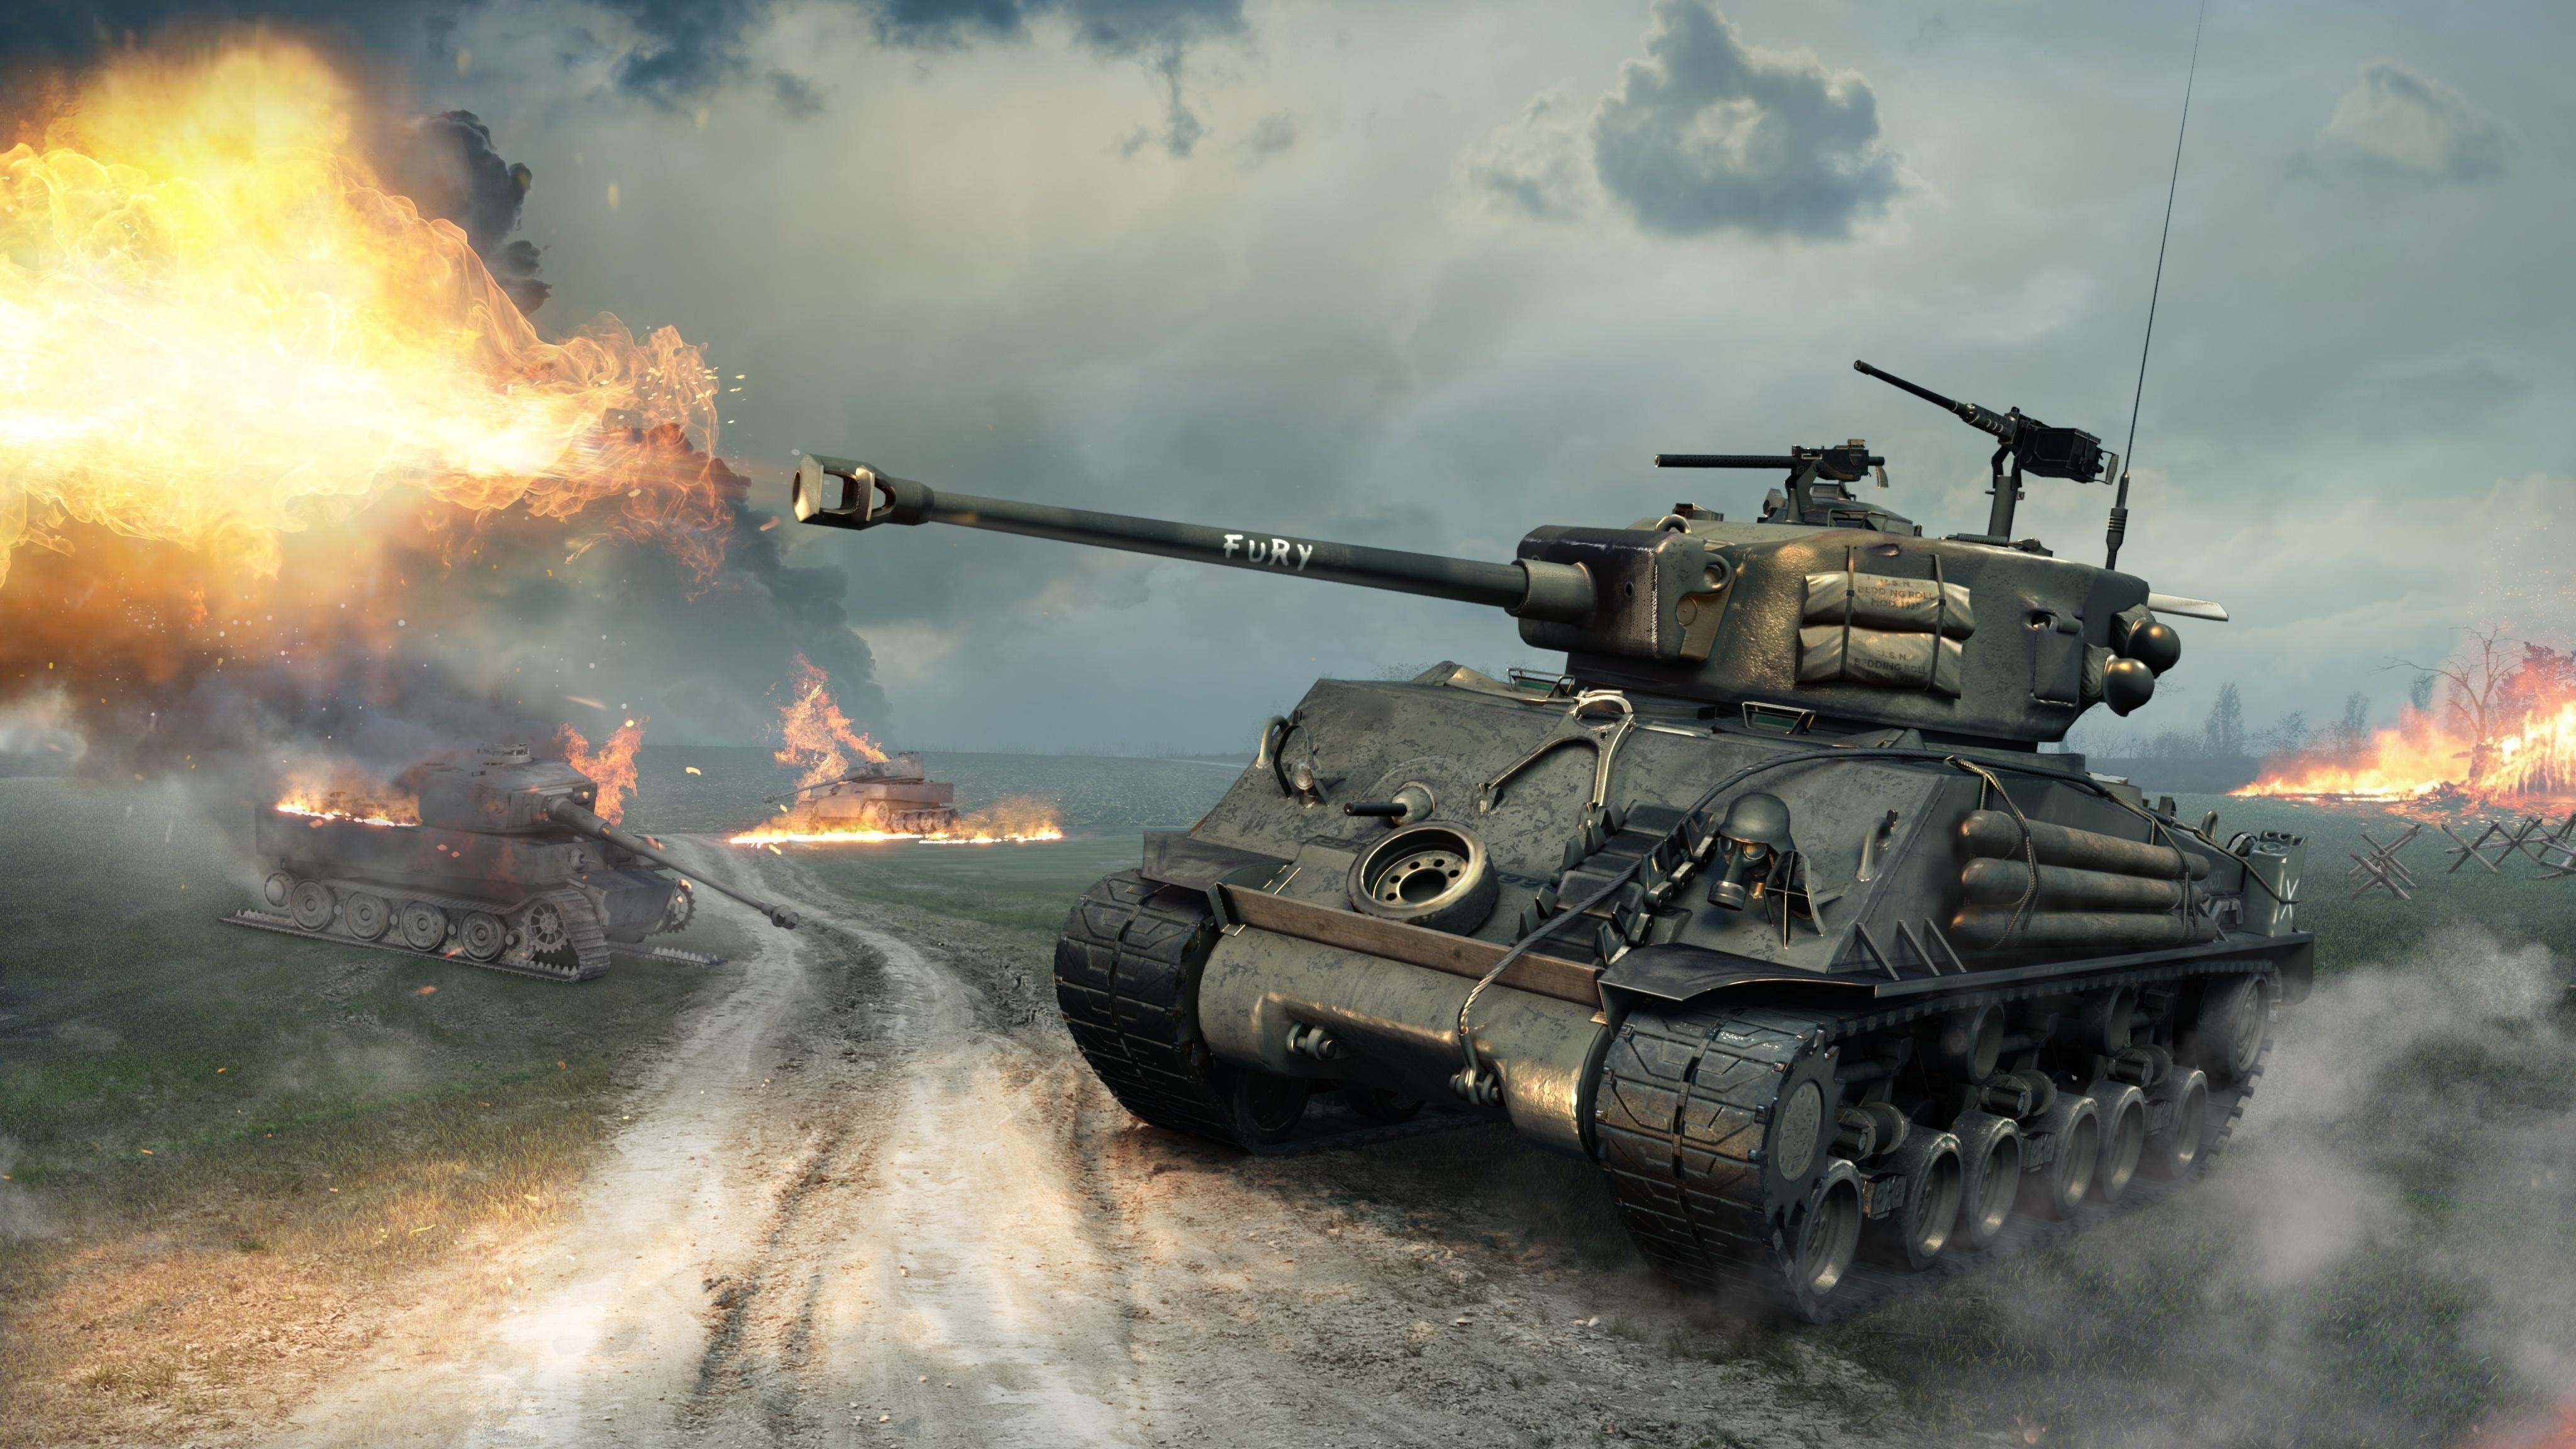 Fondos De Pantalla Mundo De Tanques World Of Tanks Xbox